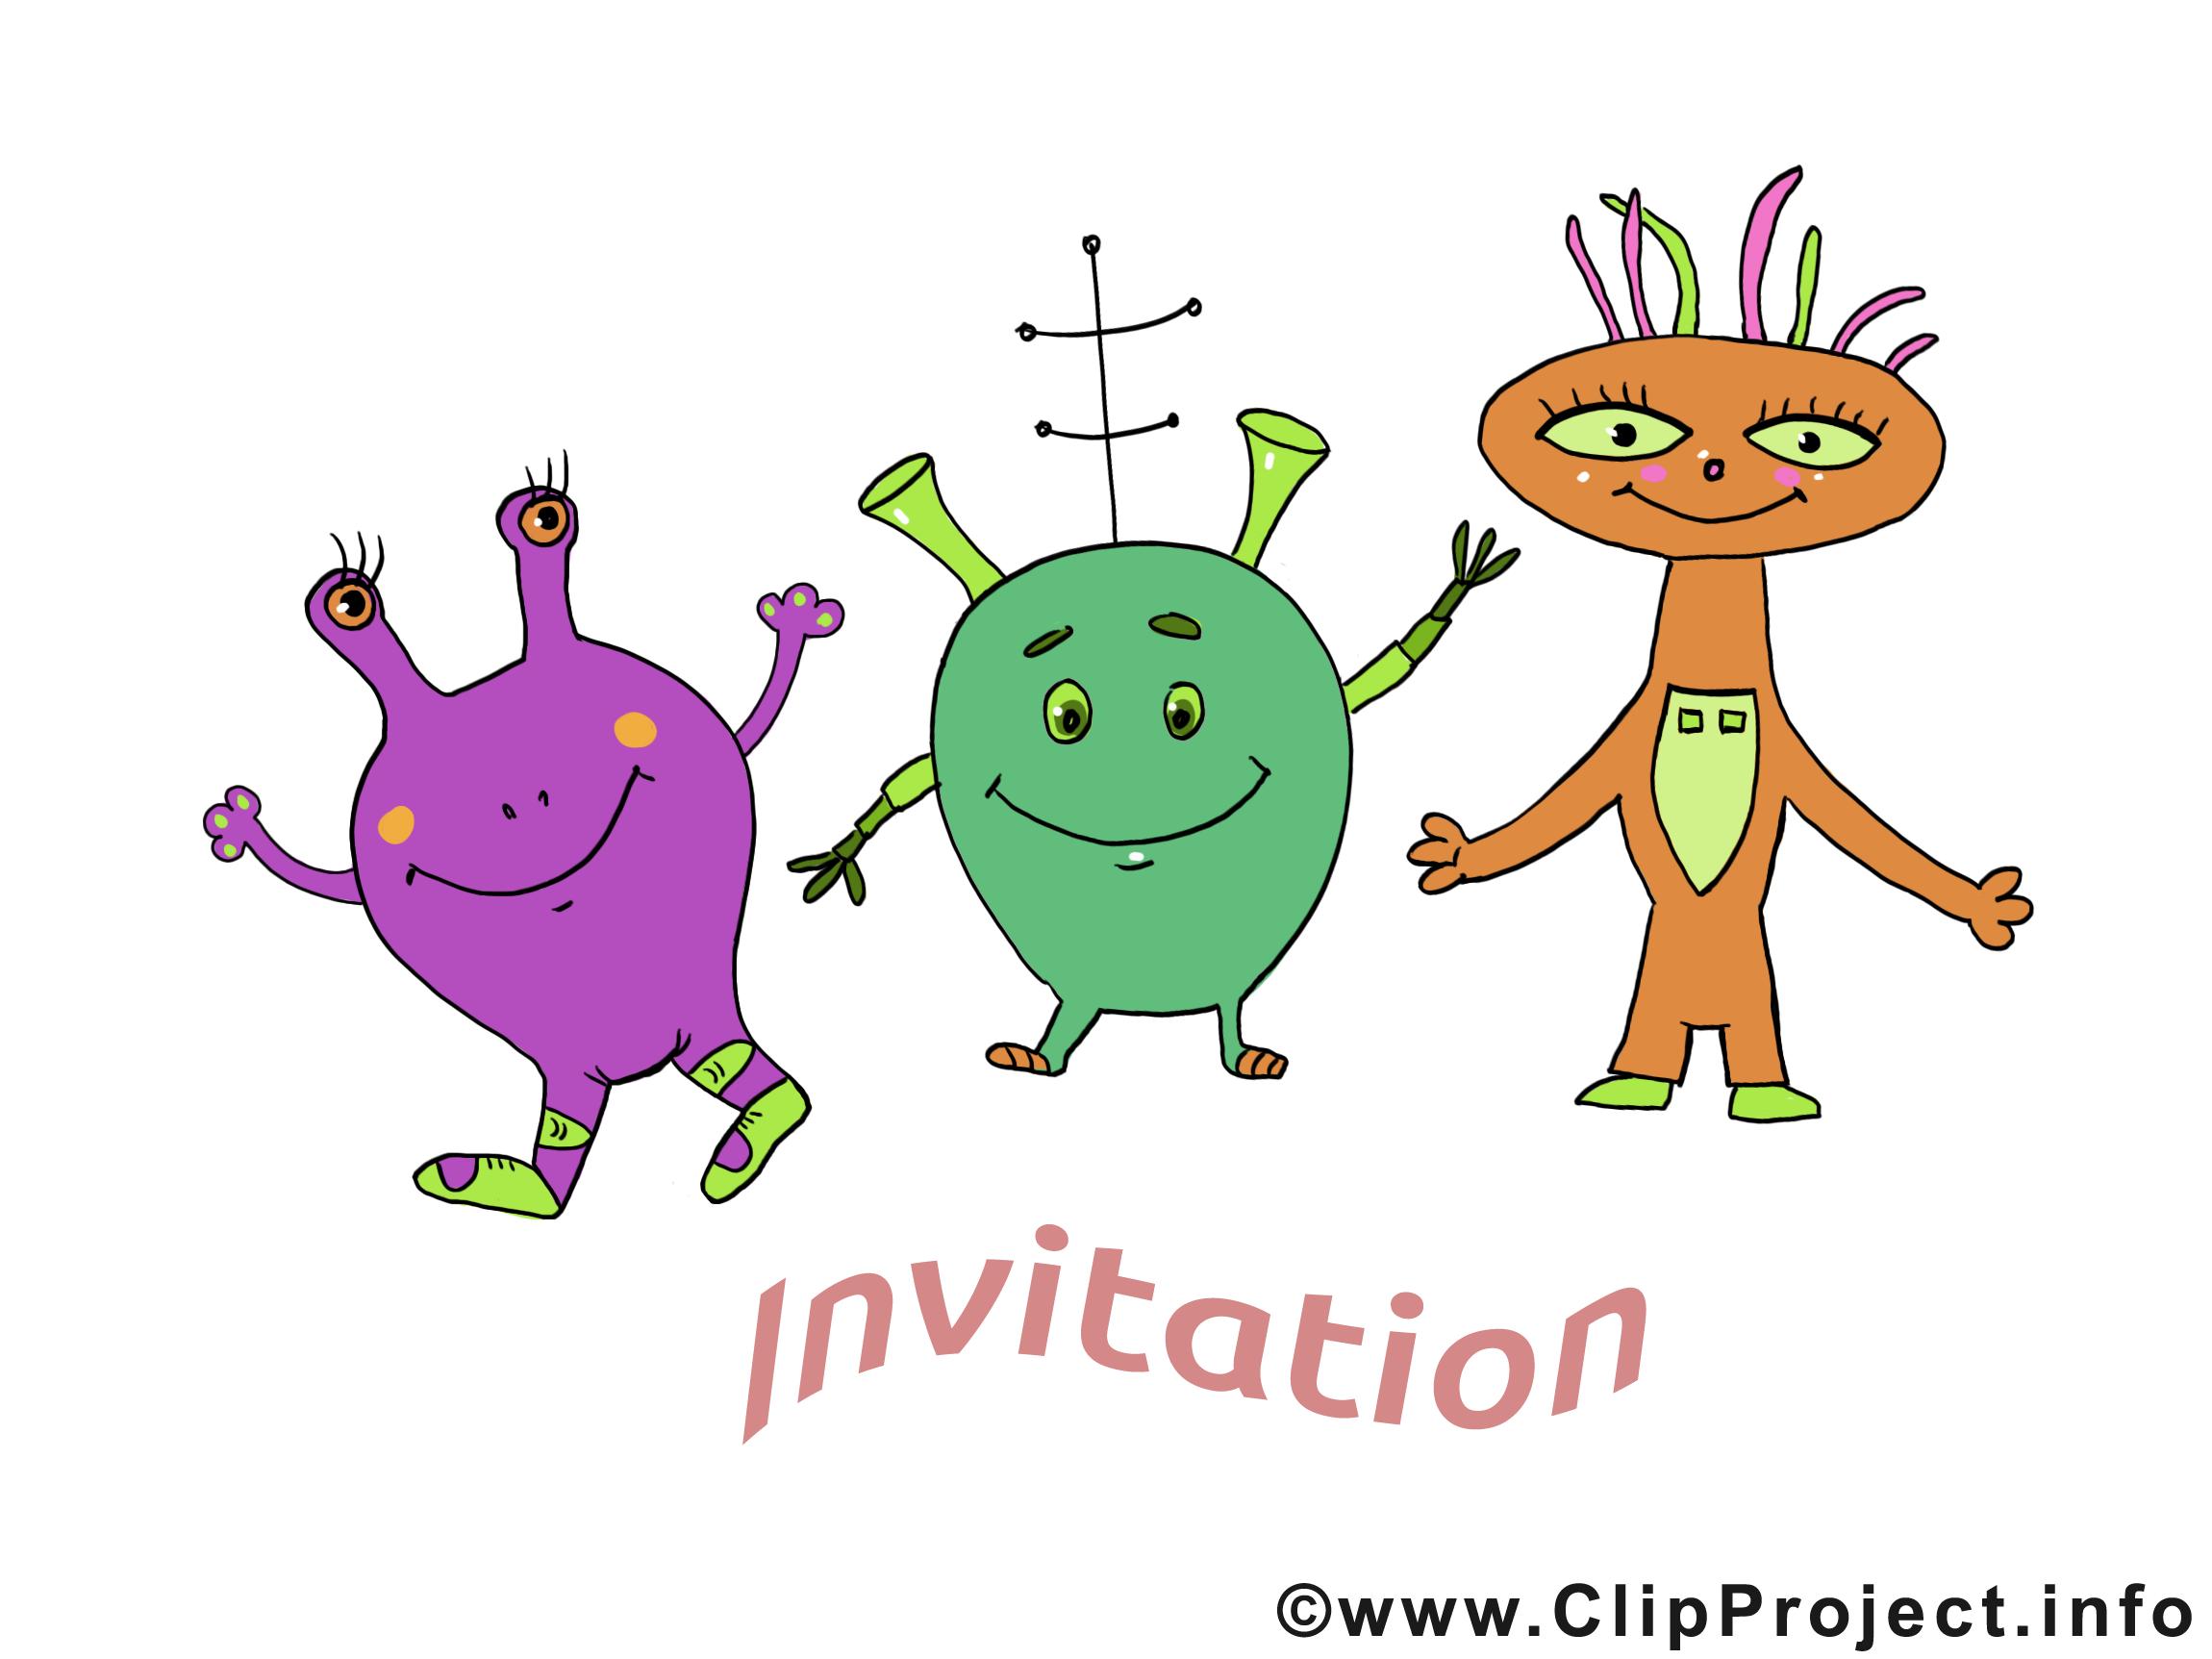 Extraterrestres image gratuite - Invitation illustration